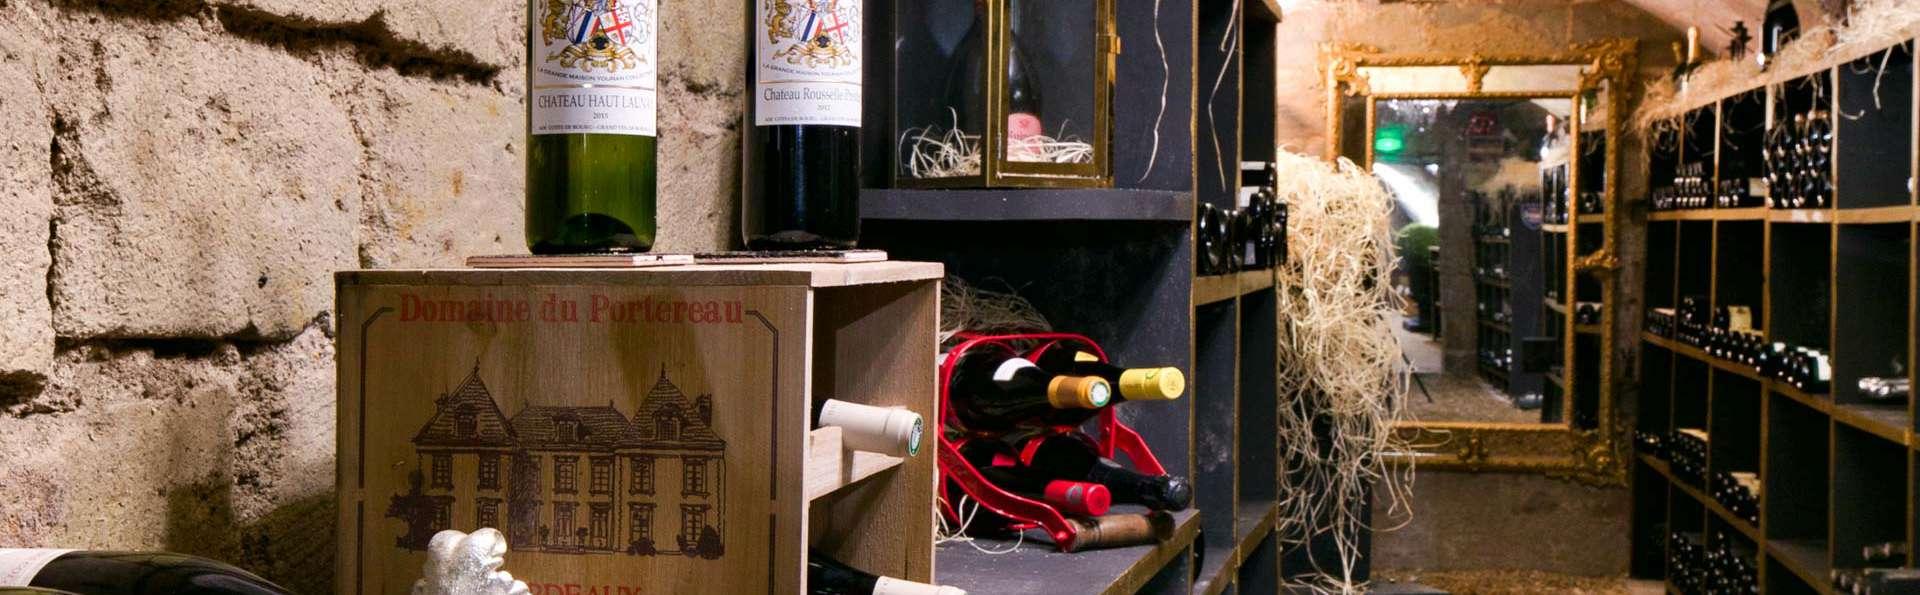 Weekend au Château Le Prieuré avec une visite & dégustation à la maison Ackerman